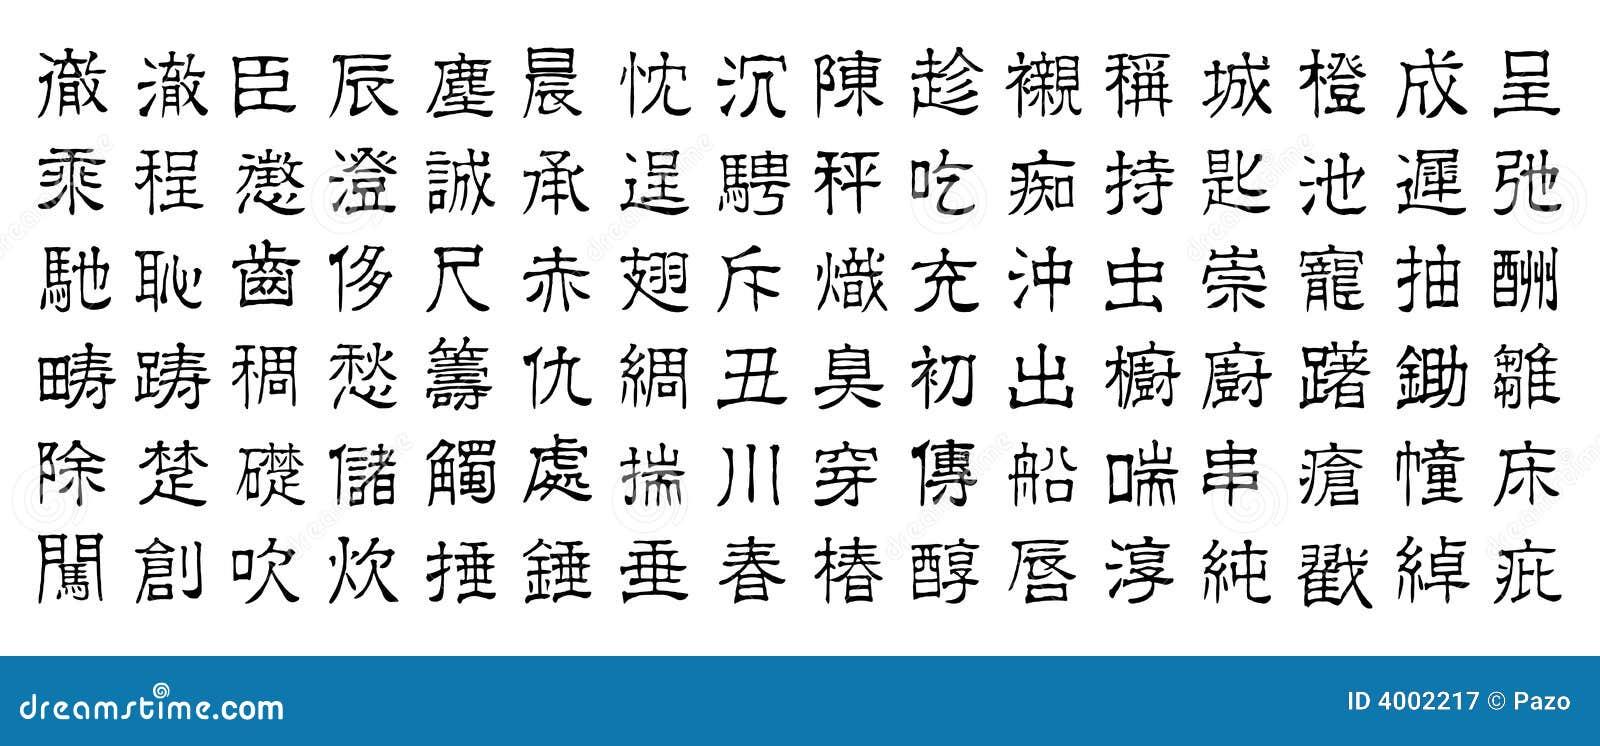 chinesische schriftzeichen v5 lizenzfreie stockfotografie. Black Bedroom Furniture Sets. Home Design Ideas